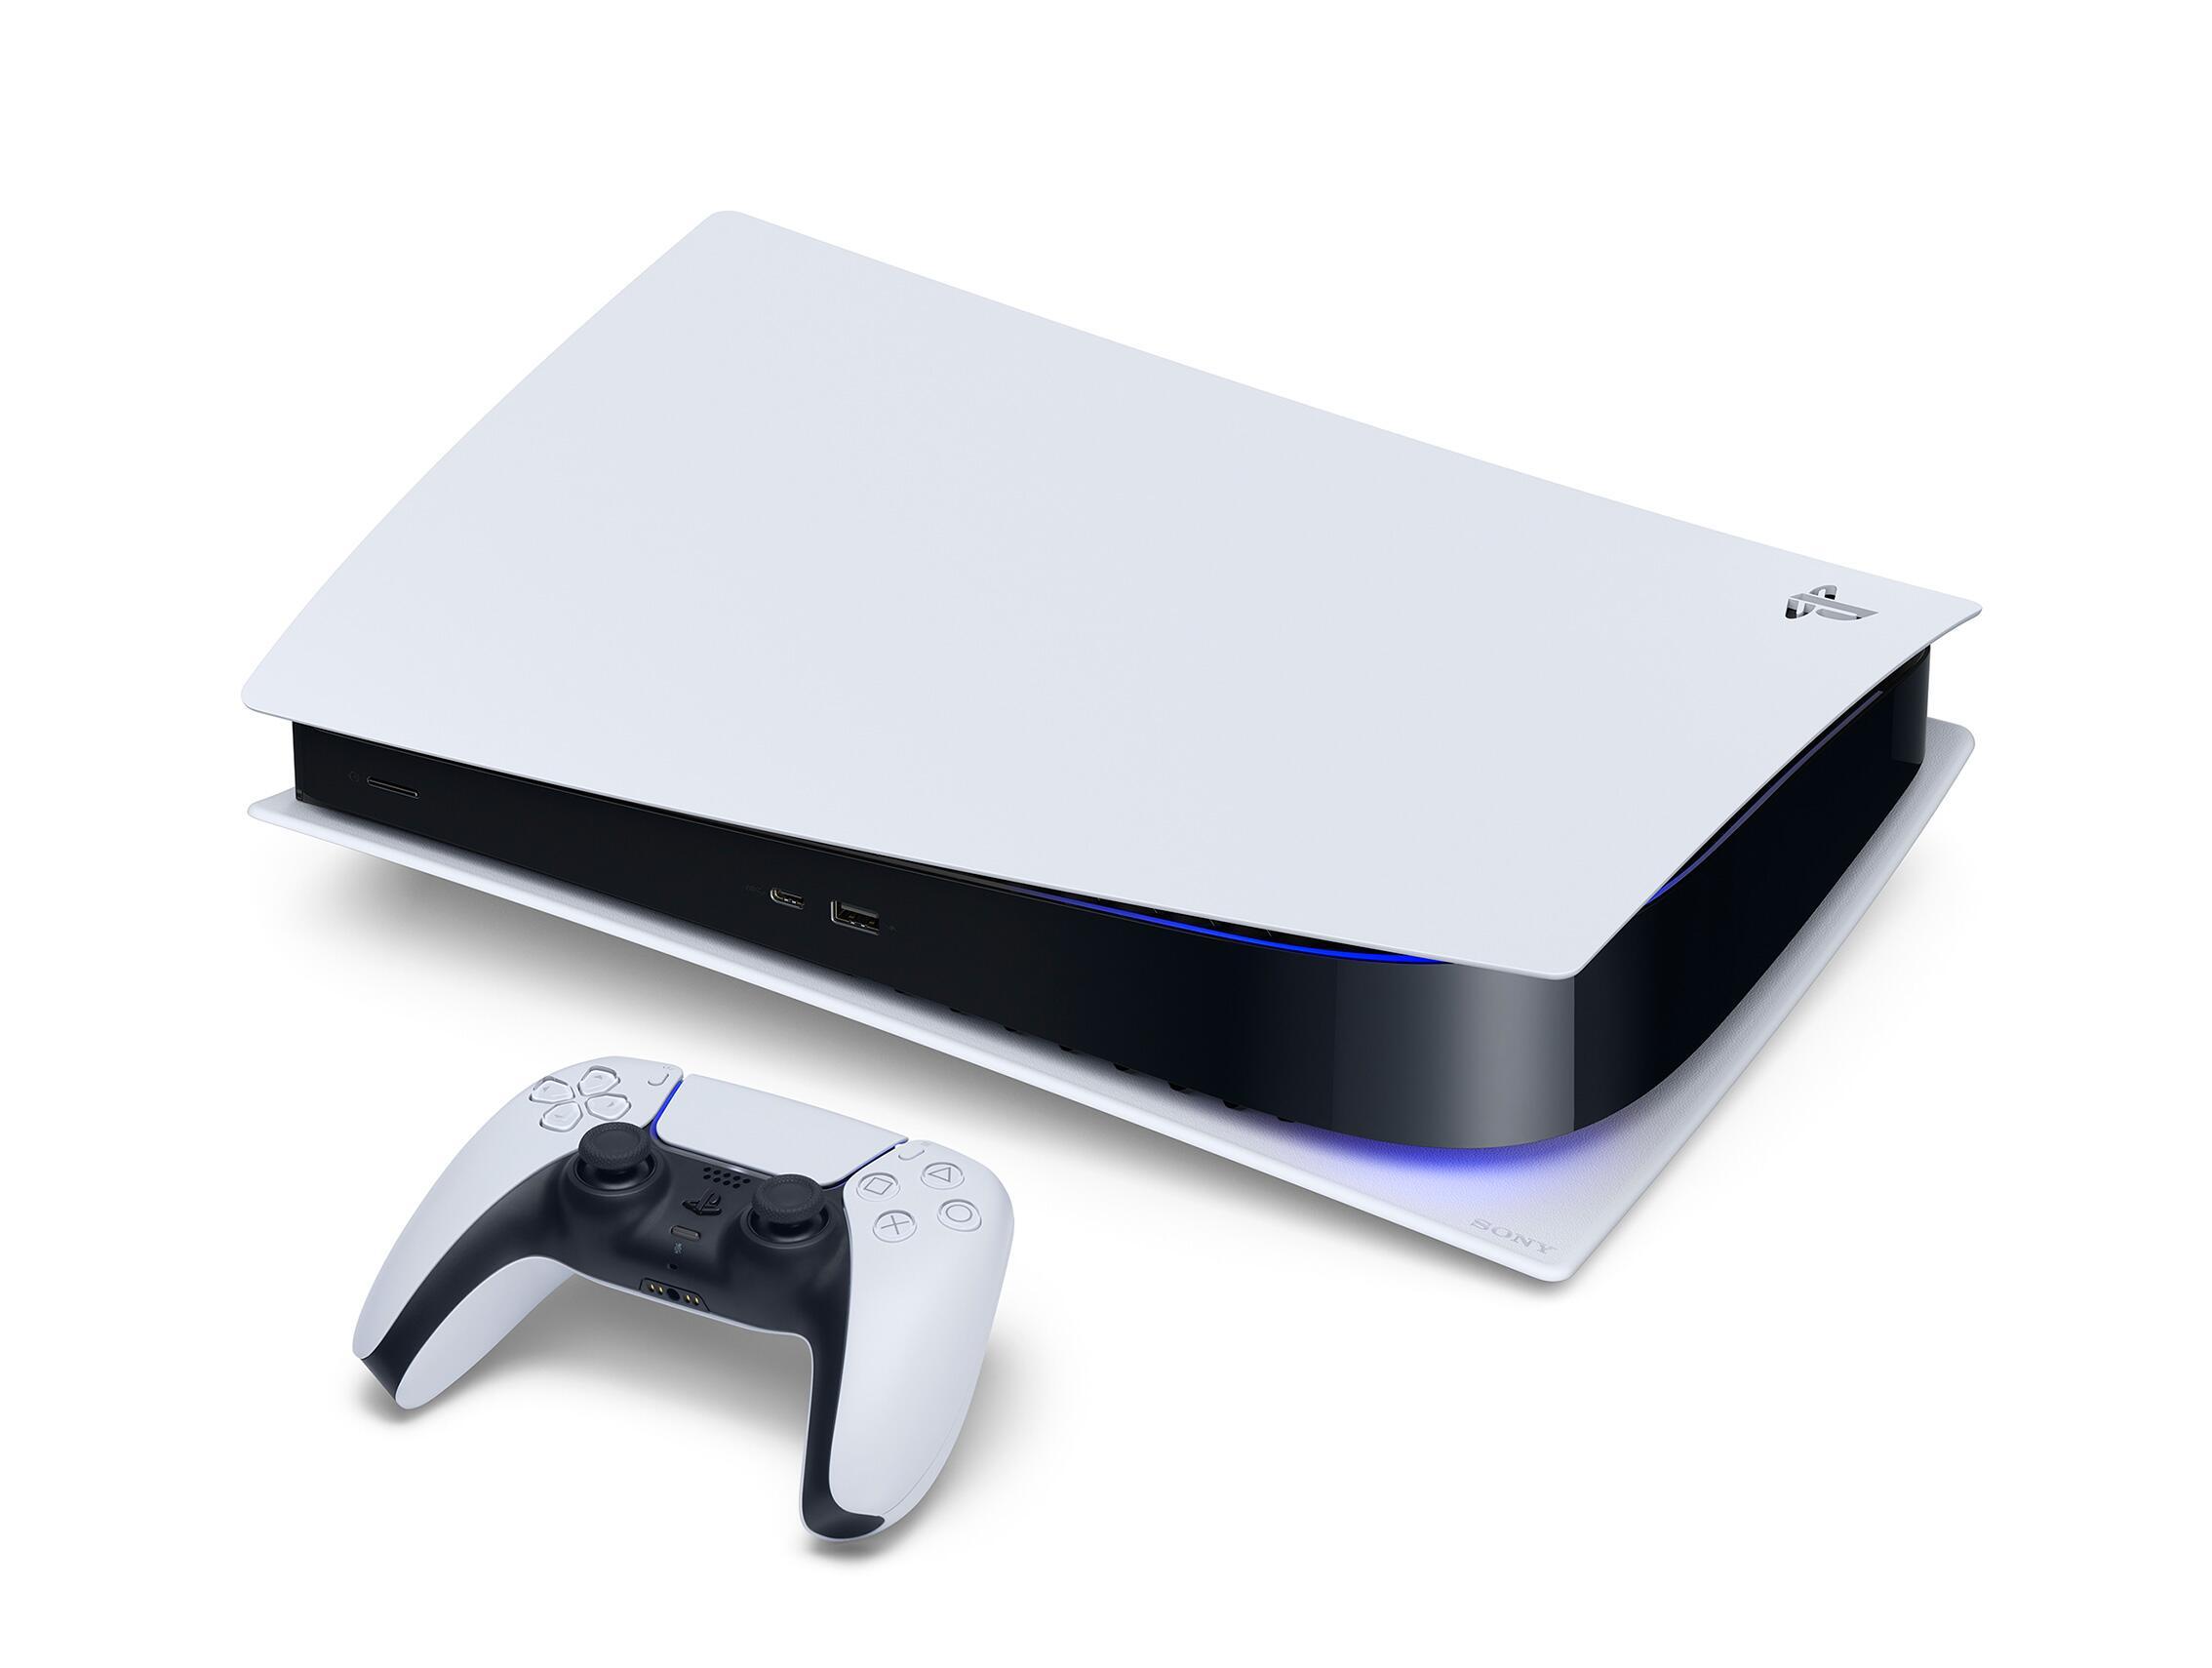 Bild zu PS5, Sony, PlayStation5, Engpass, Next-Gen, Lieferprobleme, Launch, Verfügbarkeit, vorbestellen